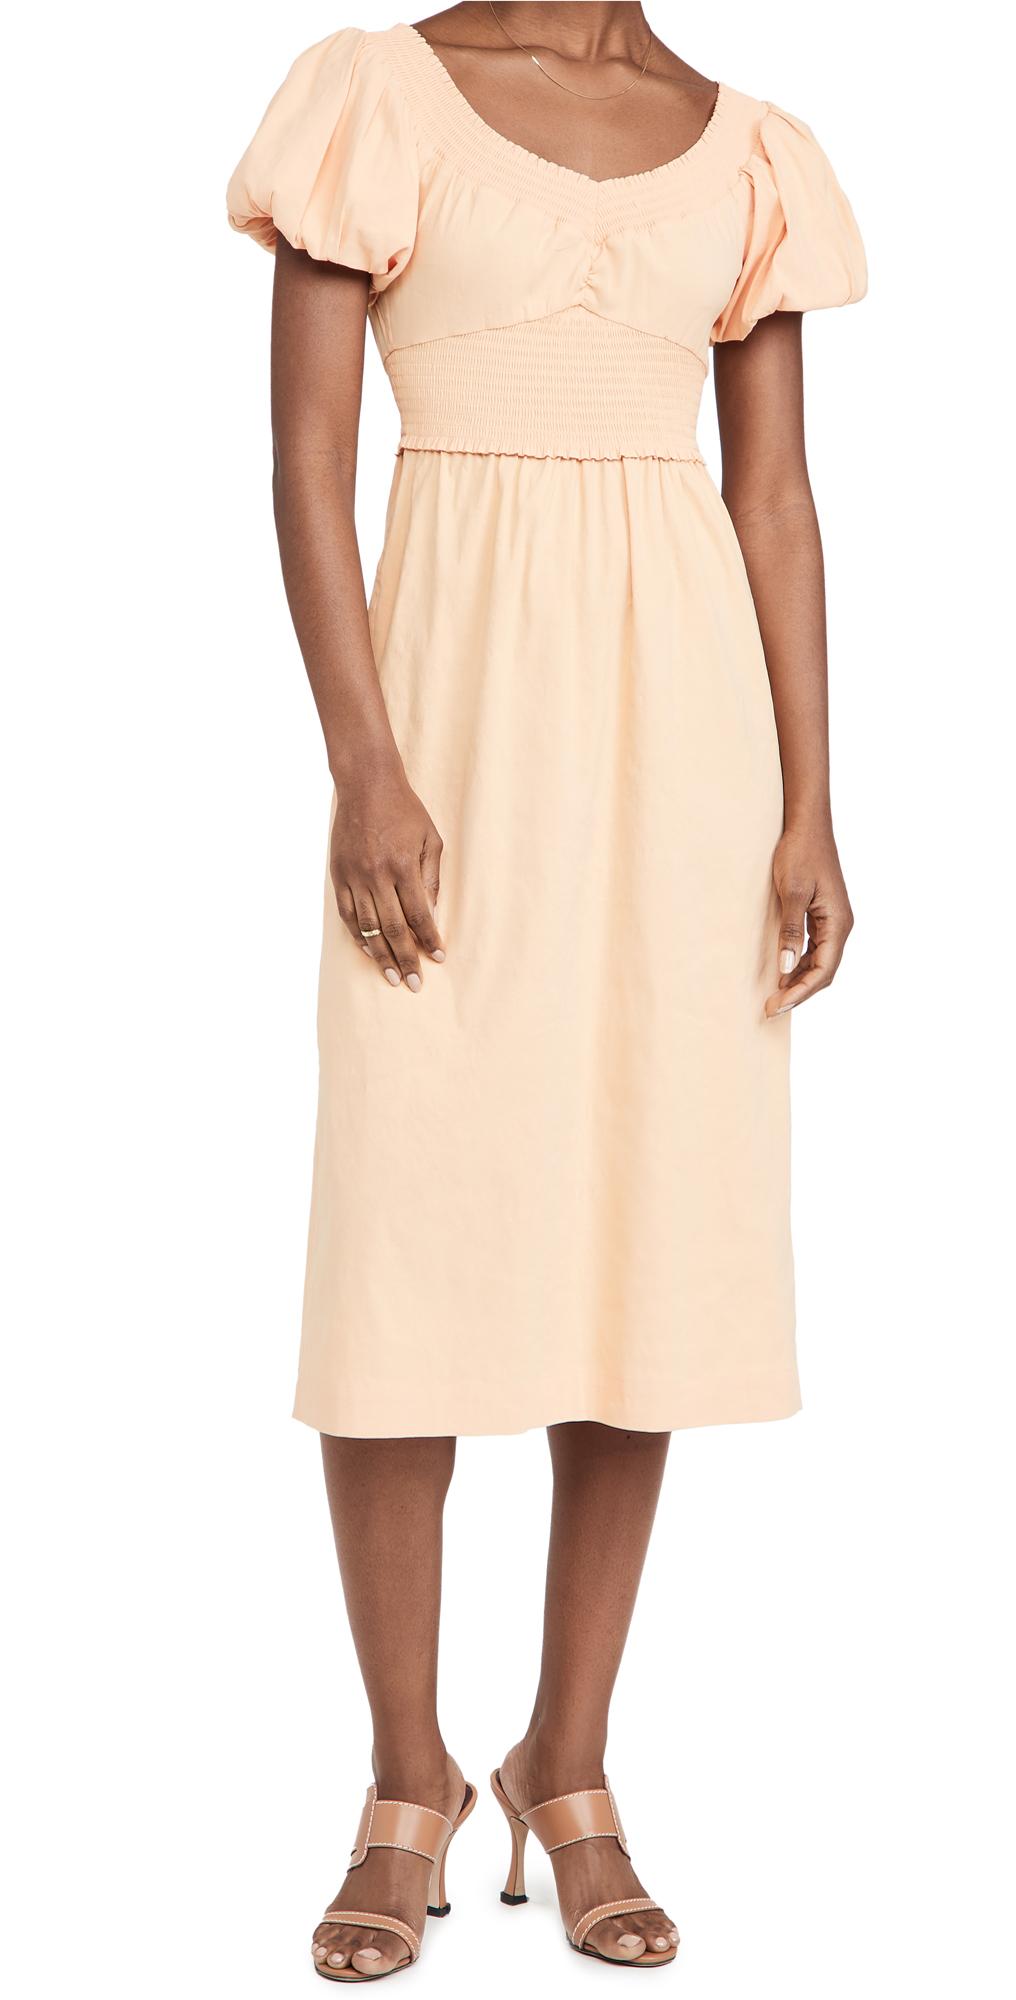 A.L.C. Adena Dress